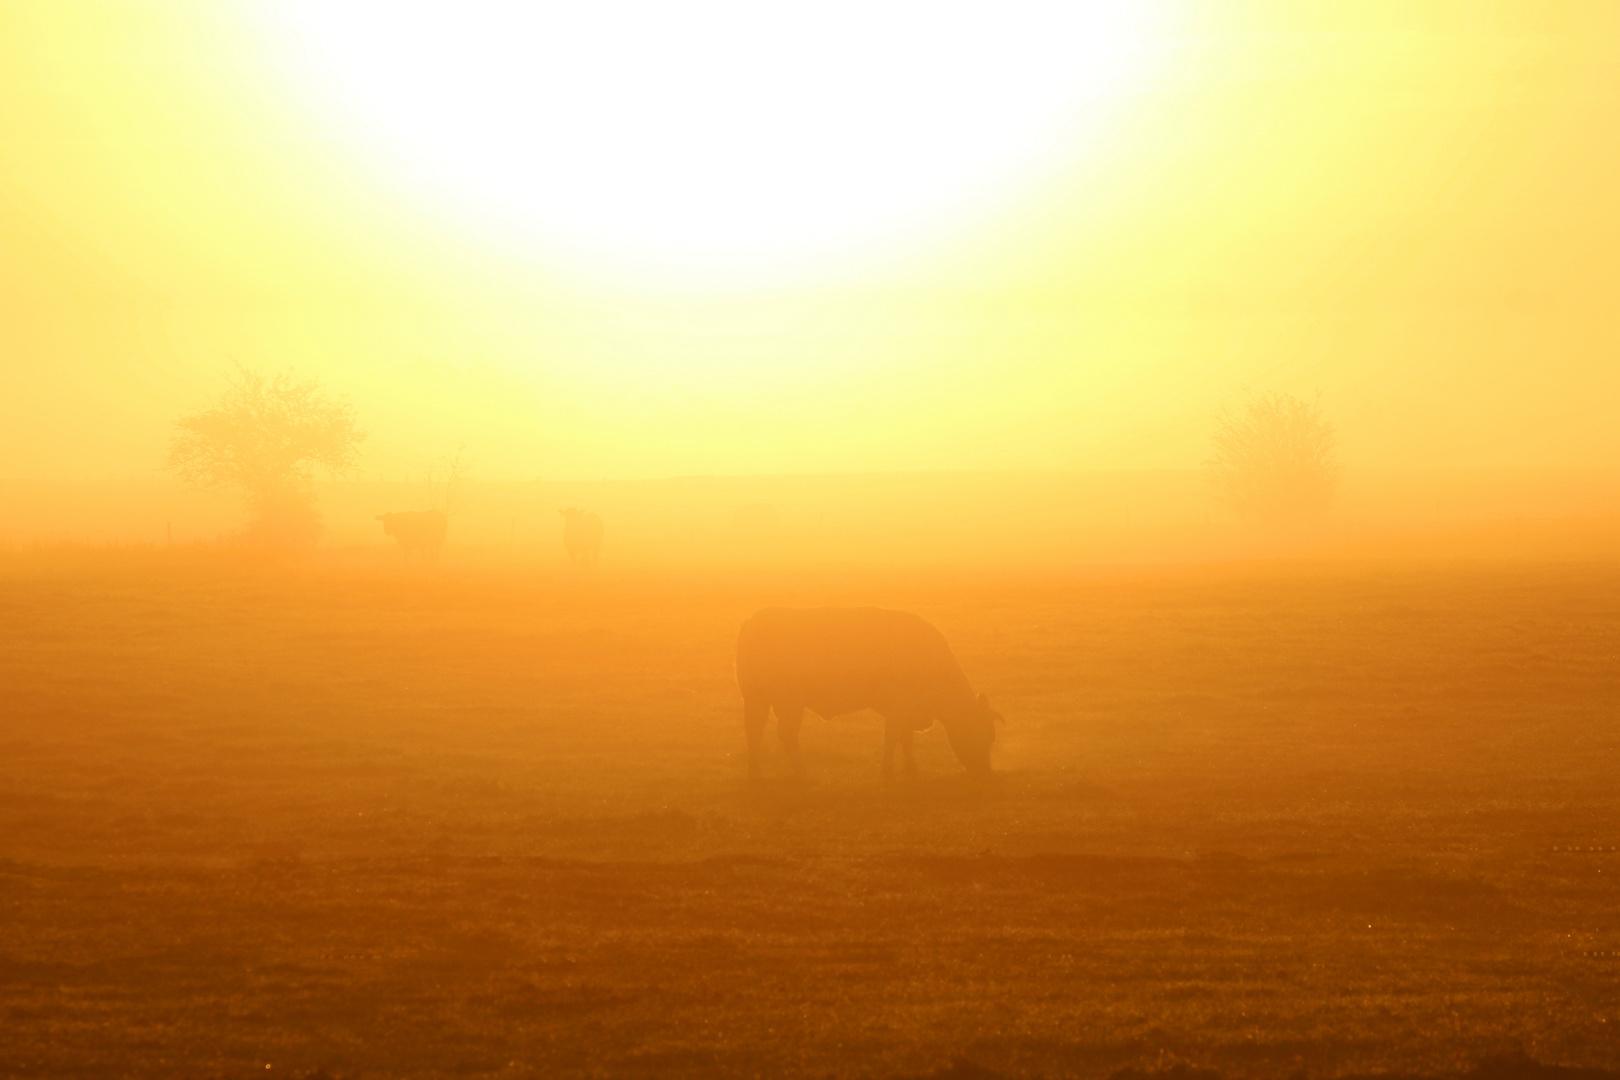 Nebelige Sonnenaufgangskuh